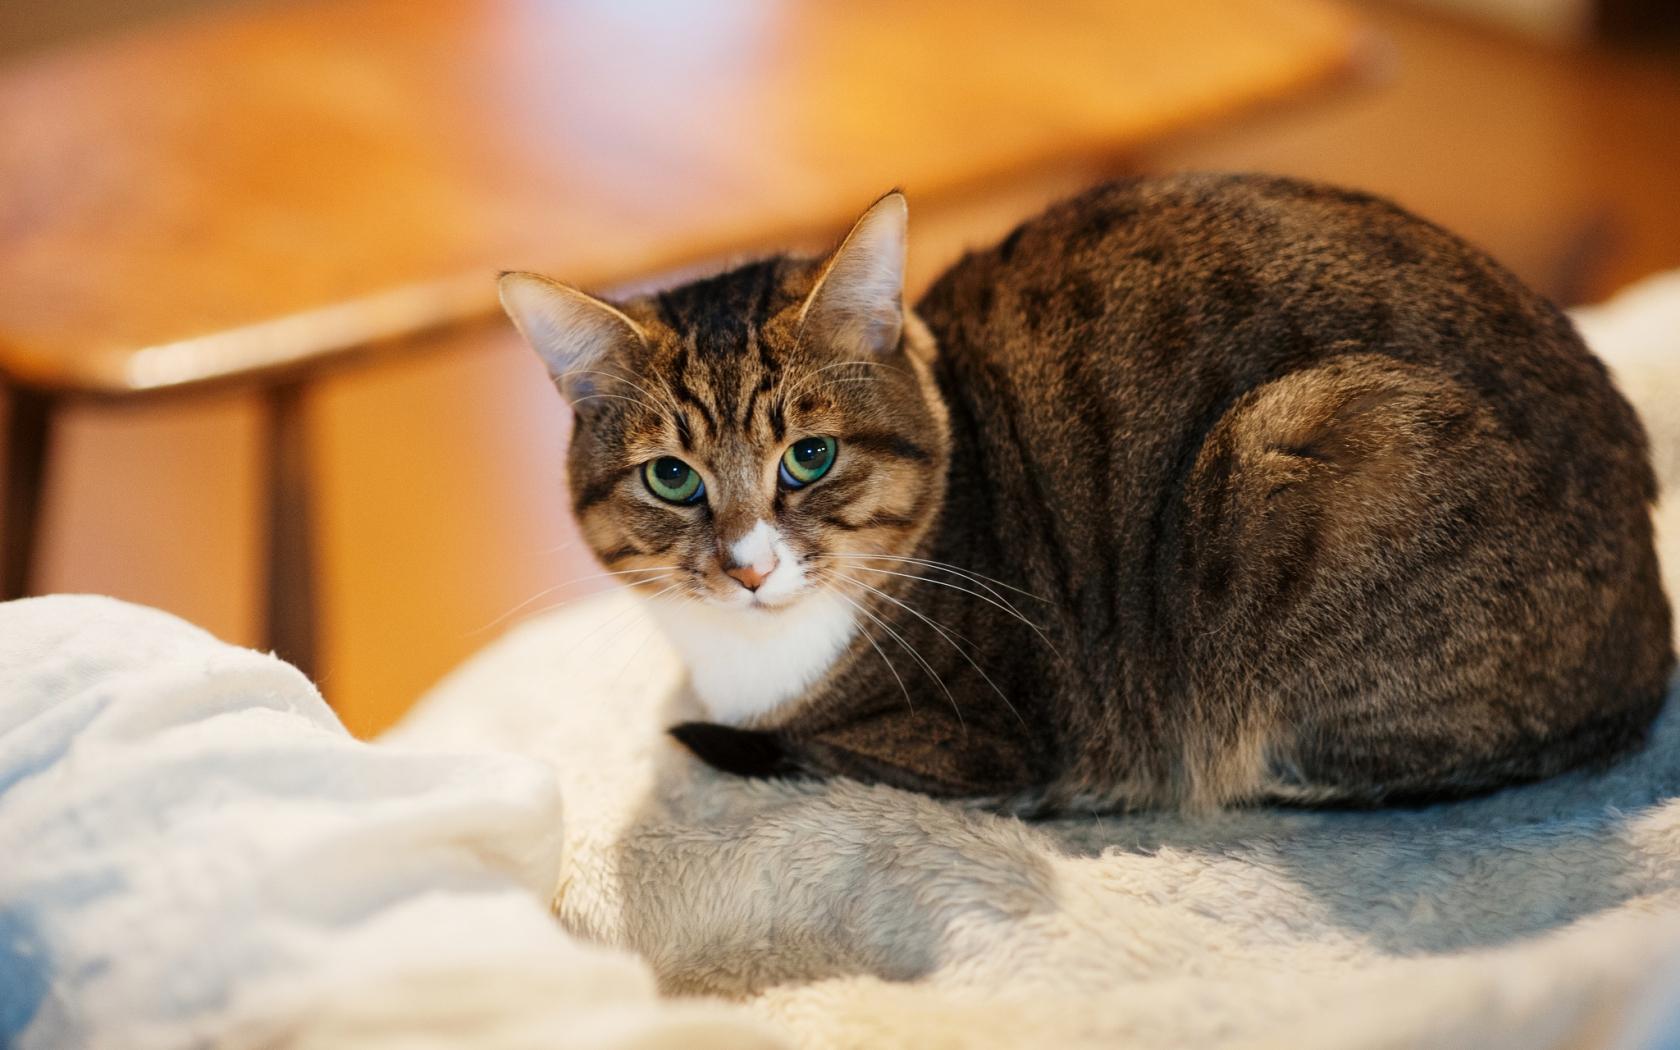 Un gato mirandote - 1680x1050